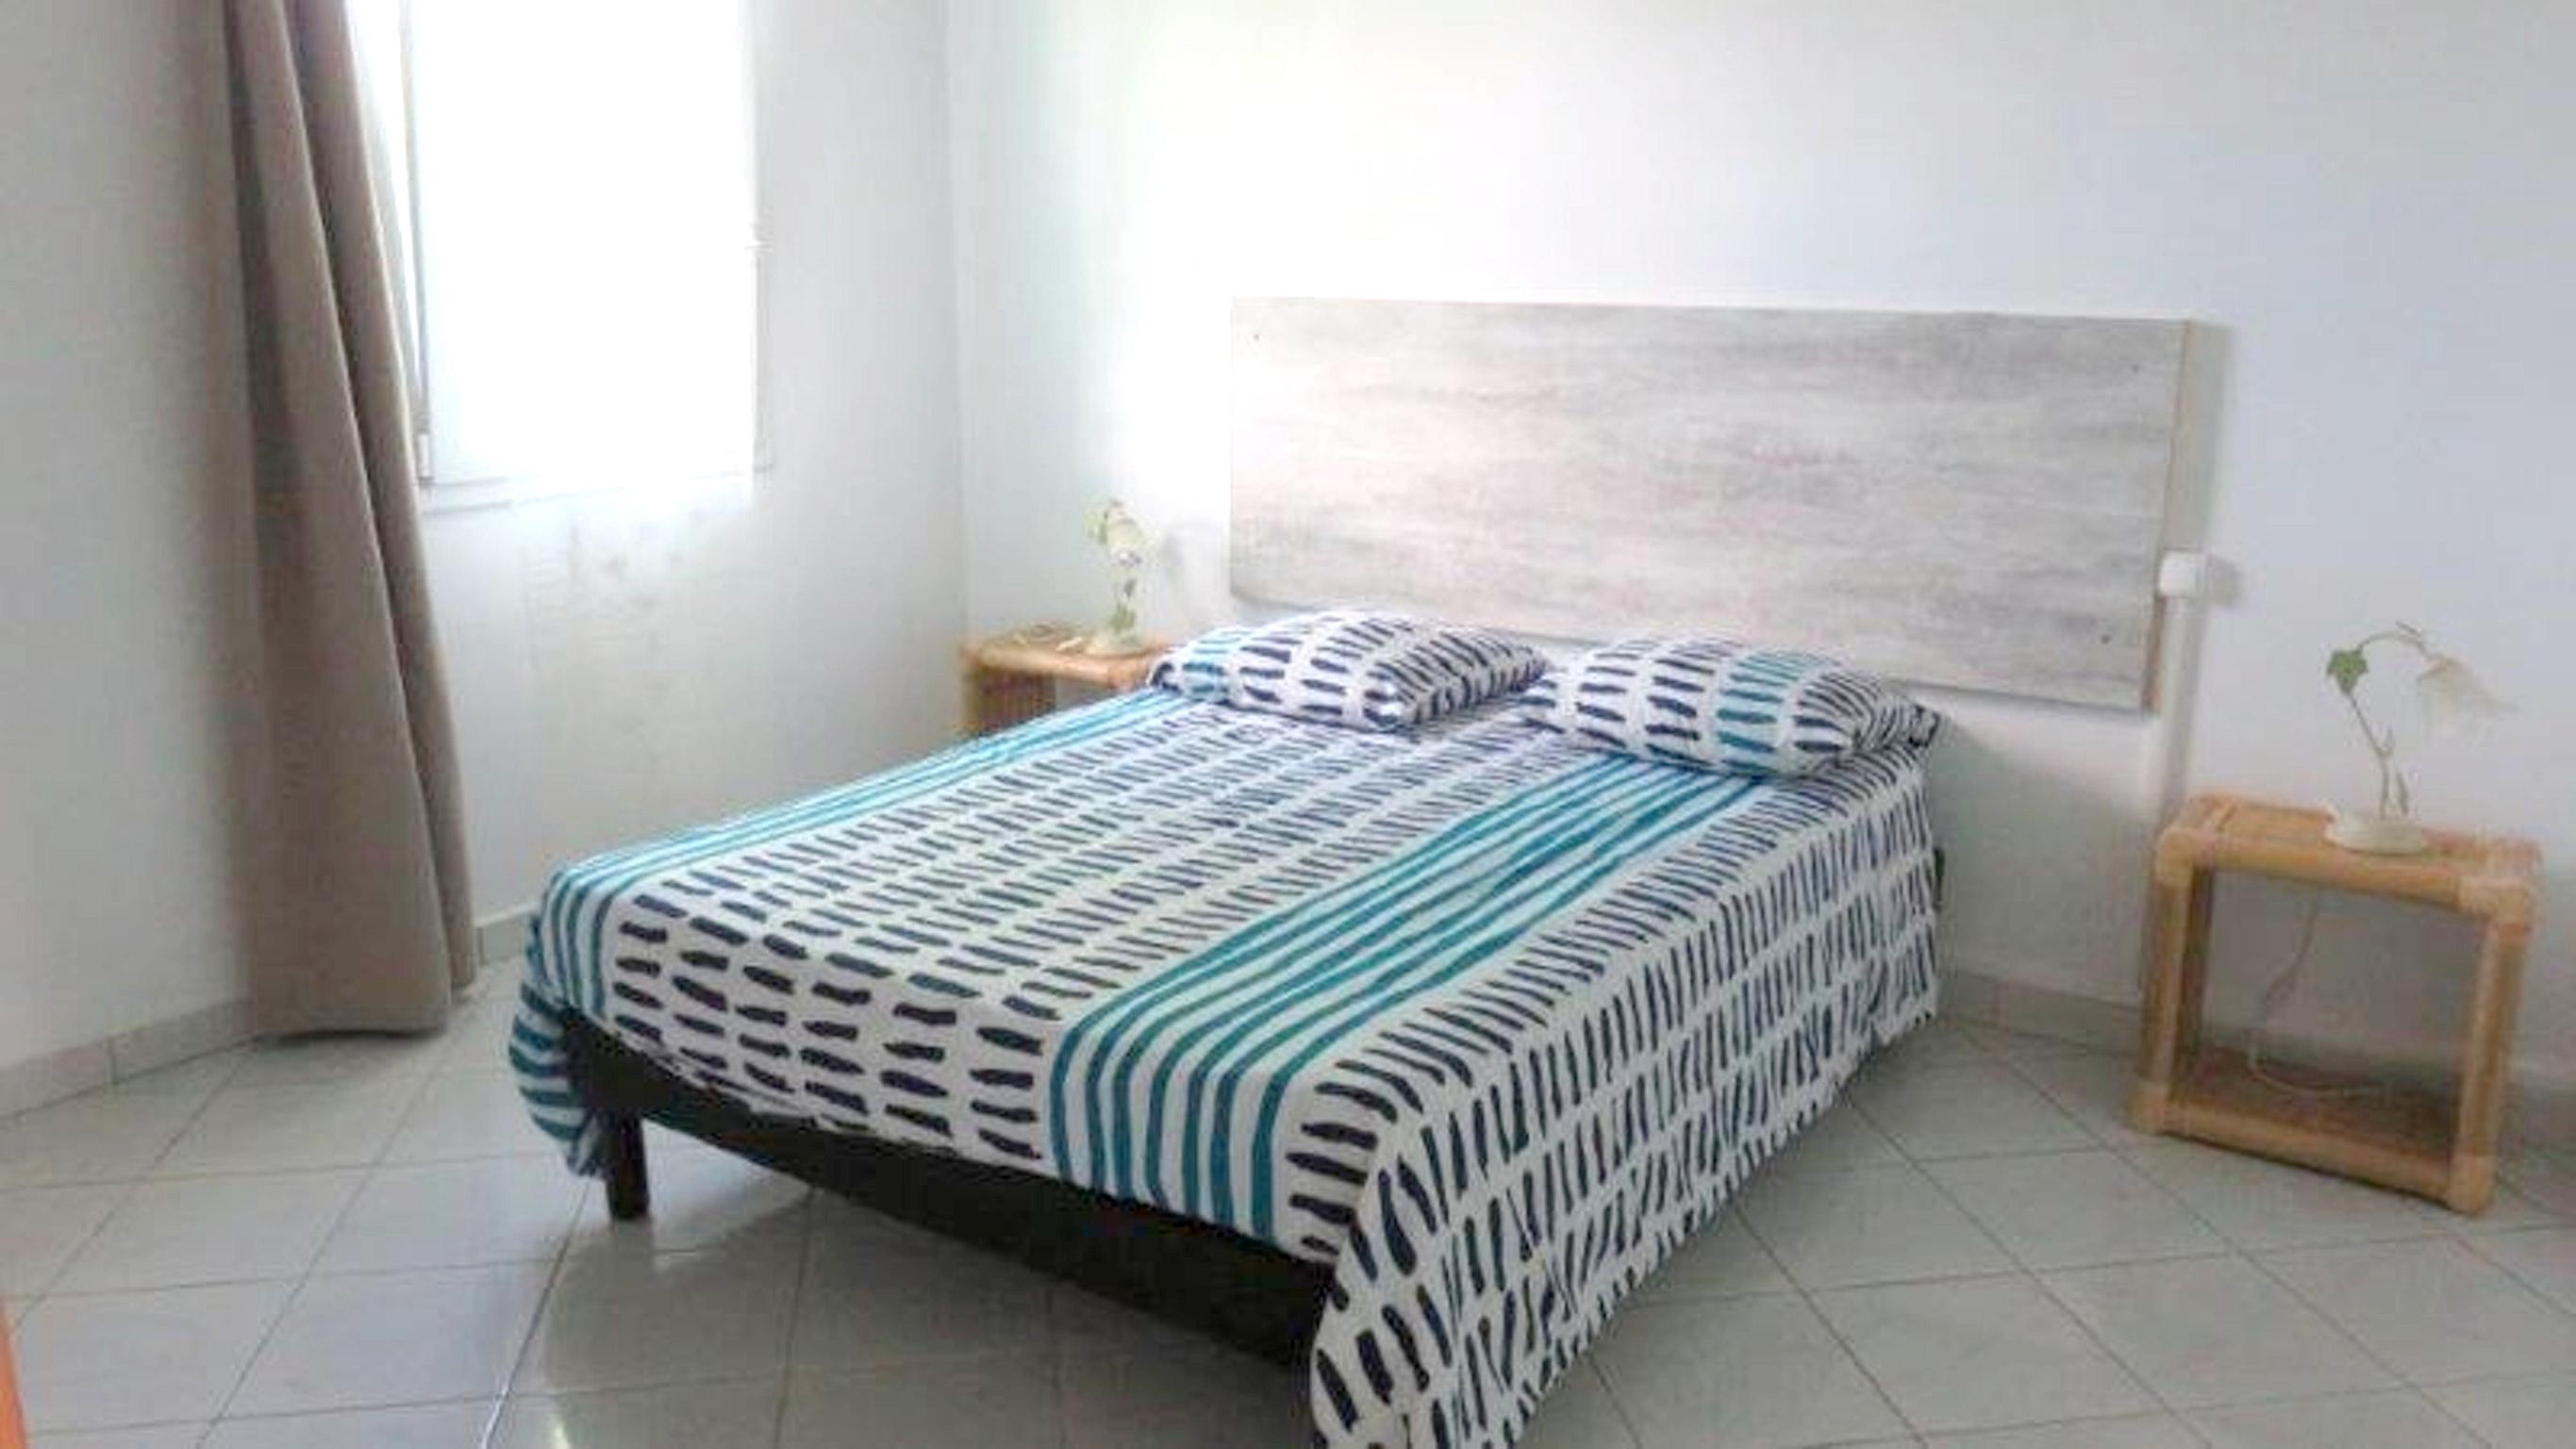 Haus mit 3 Schlafzimmern in Sainte Anne mit Pool,  Ferienhaus in Guadeloupe